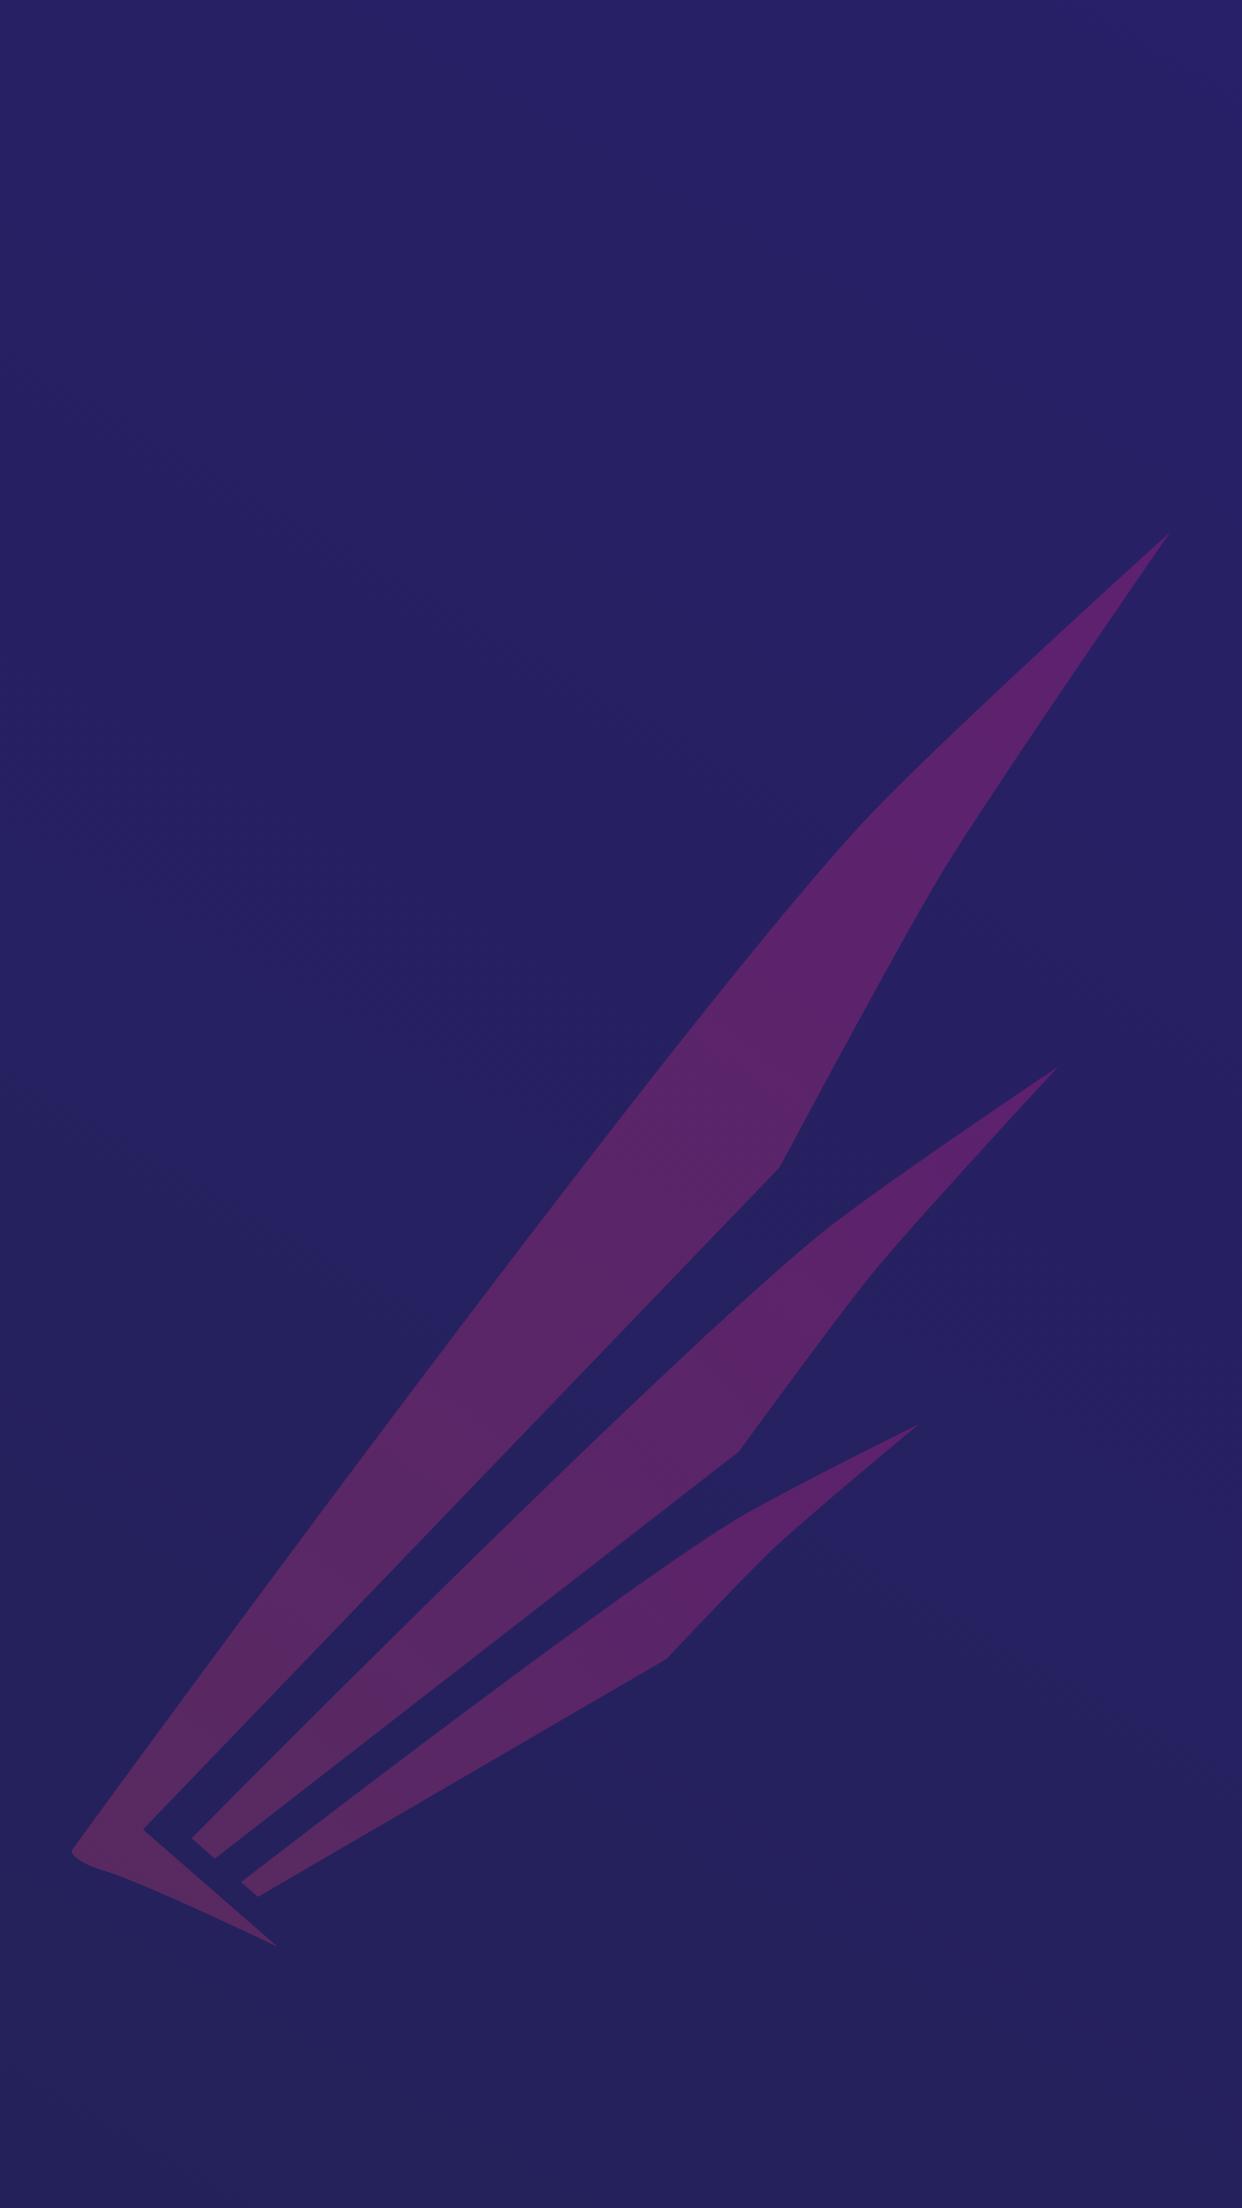 Single Wing Wallpaper